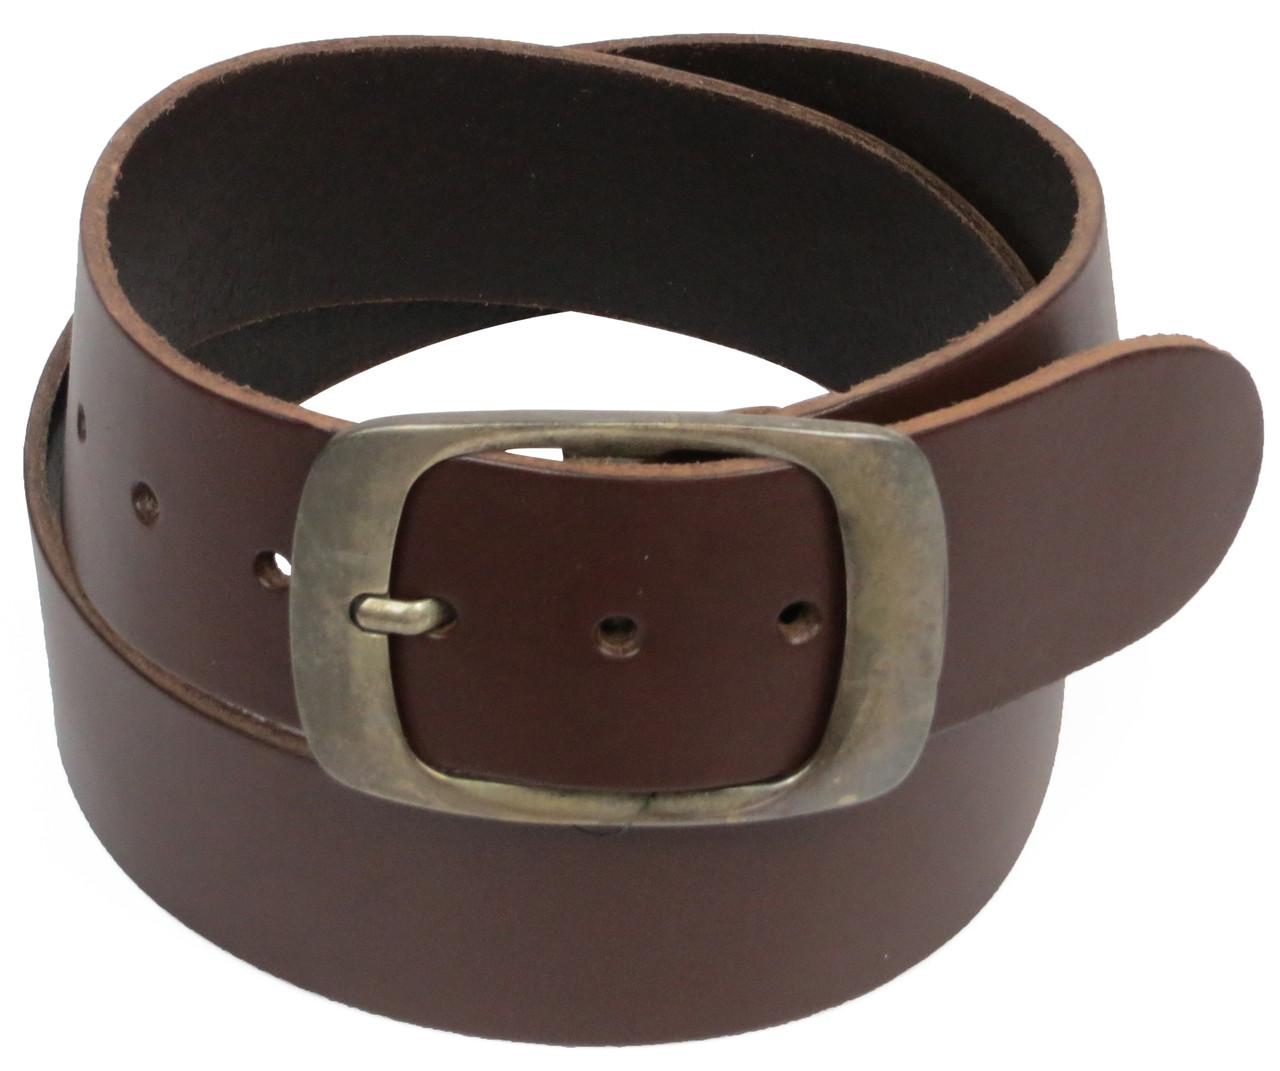 Широкий мужской кожаный ремень под джинсы, Cramer & Co, Германия, 100140 темно коричневый, 5х110 см